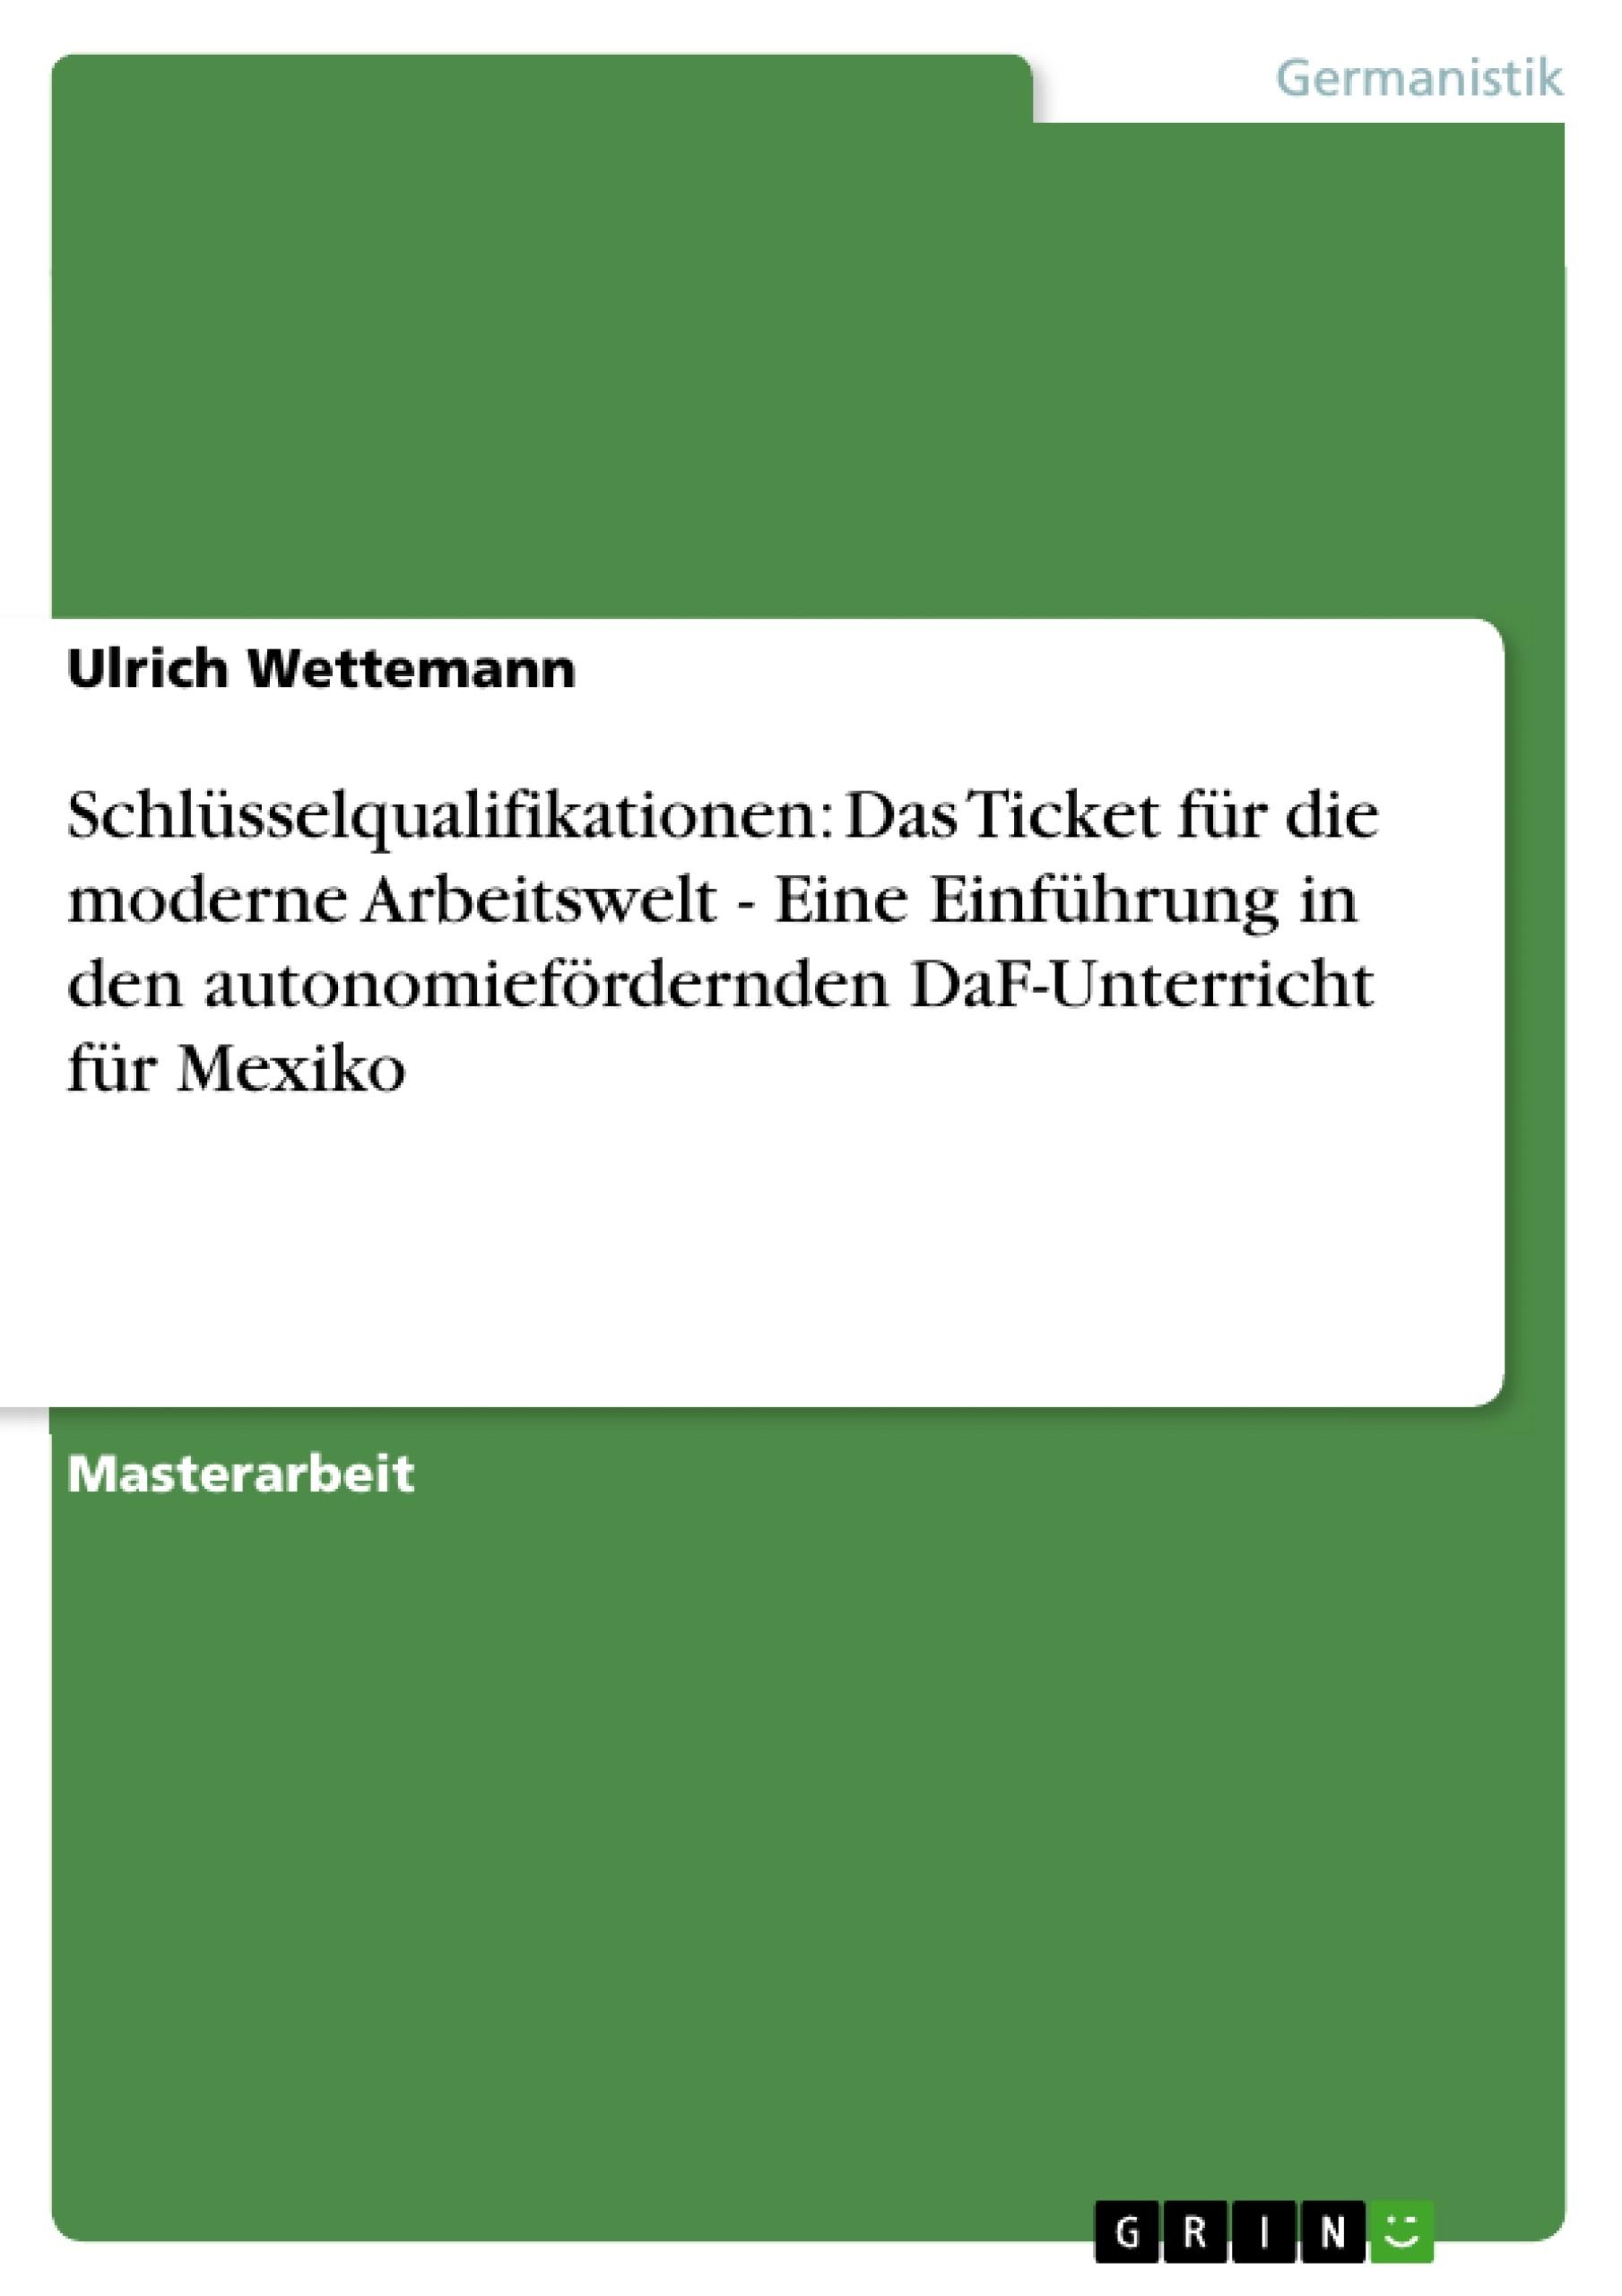 Titel: Schlüsselqualifikationen: Das Ticket für die moderne Arbeitswelt - Eine Einführung in den autonomiefördernden DaF-Unterricht für Mexiko